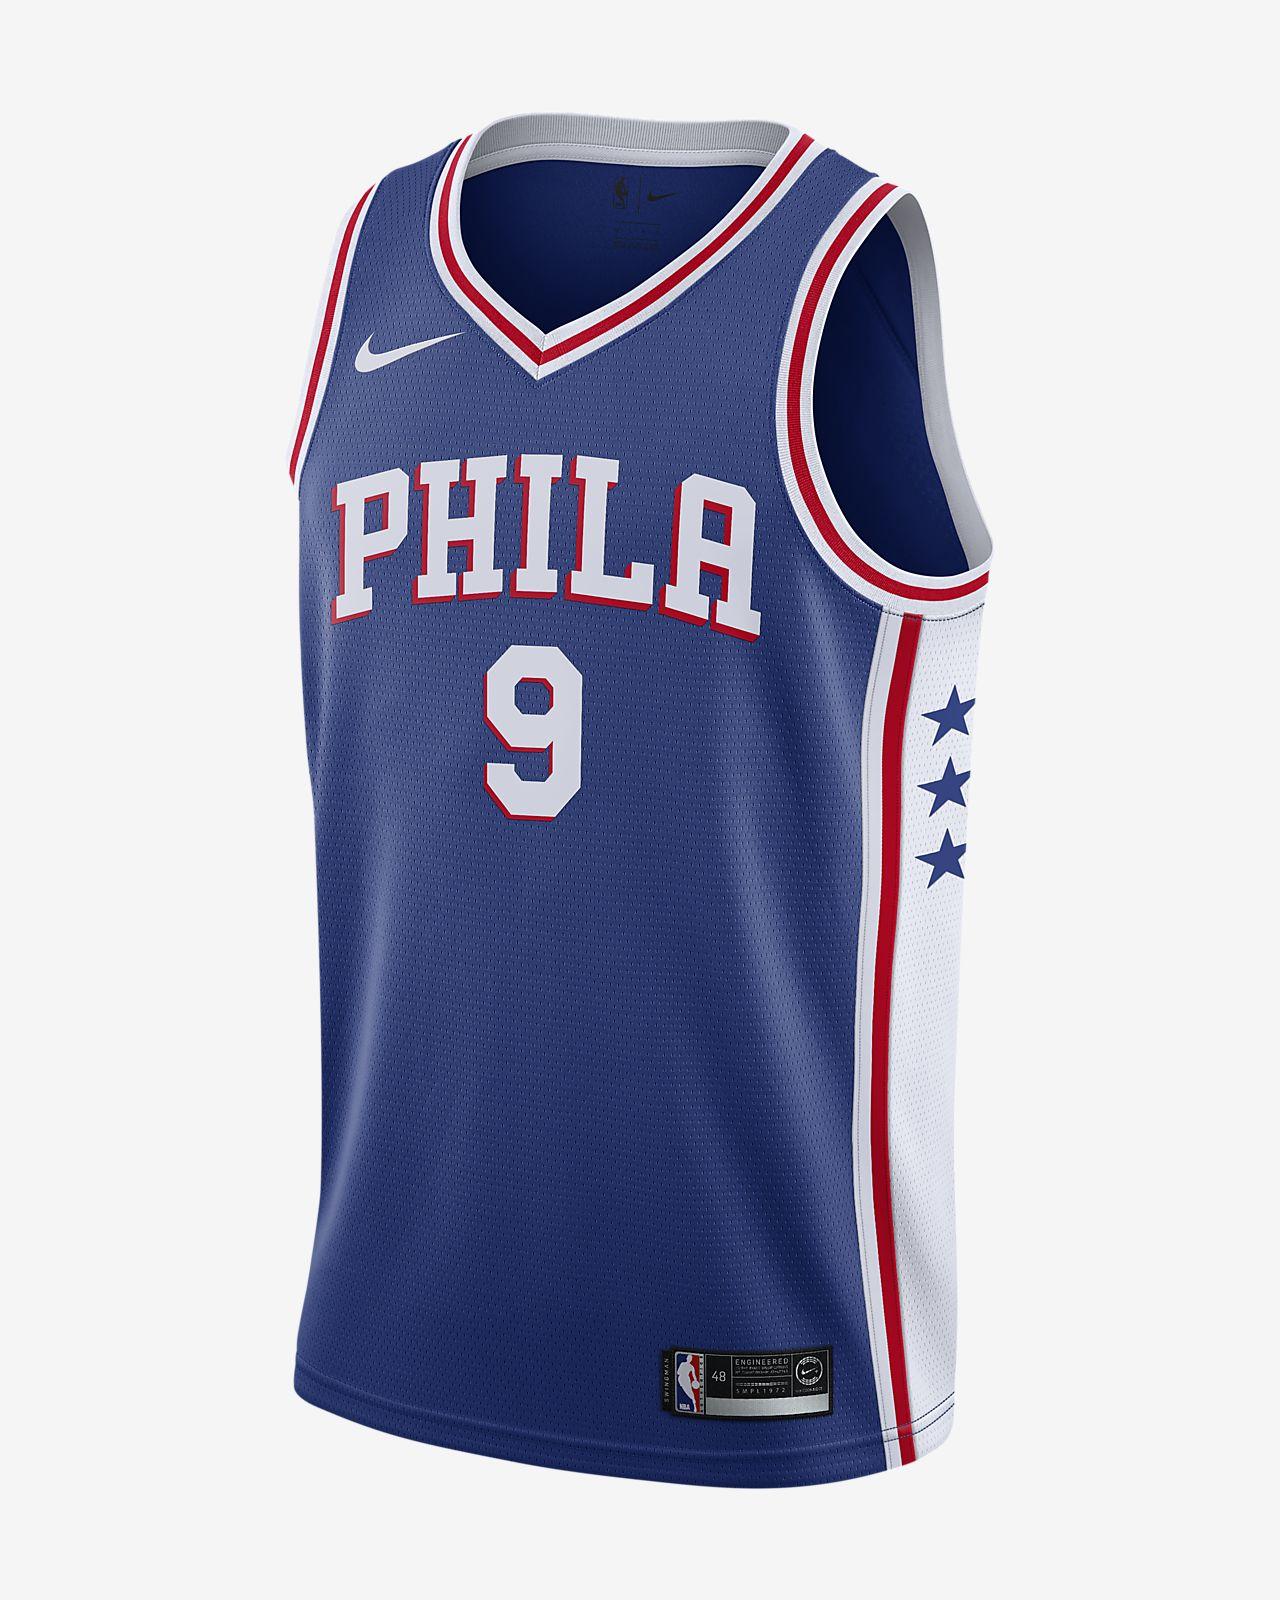 Camiseta conectada Nike NBA para hombre Dario Šaric Icon Edition Swingman (Philadelphia 76ers)